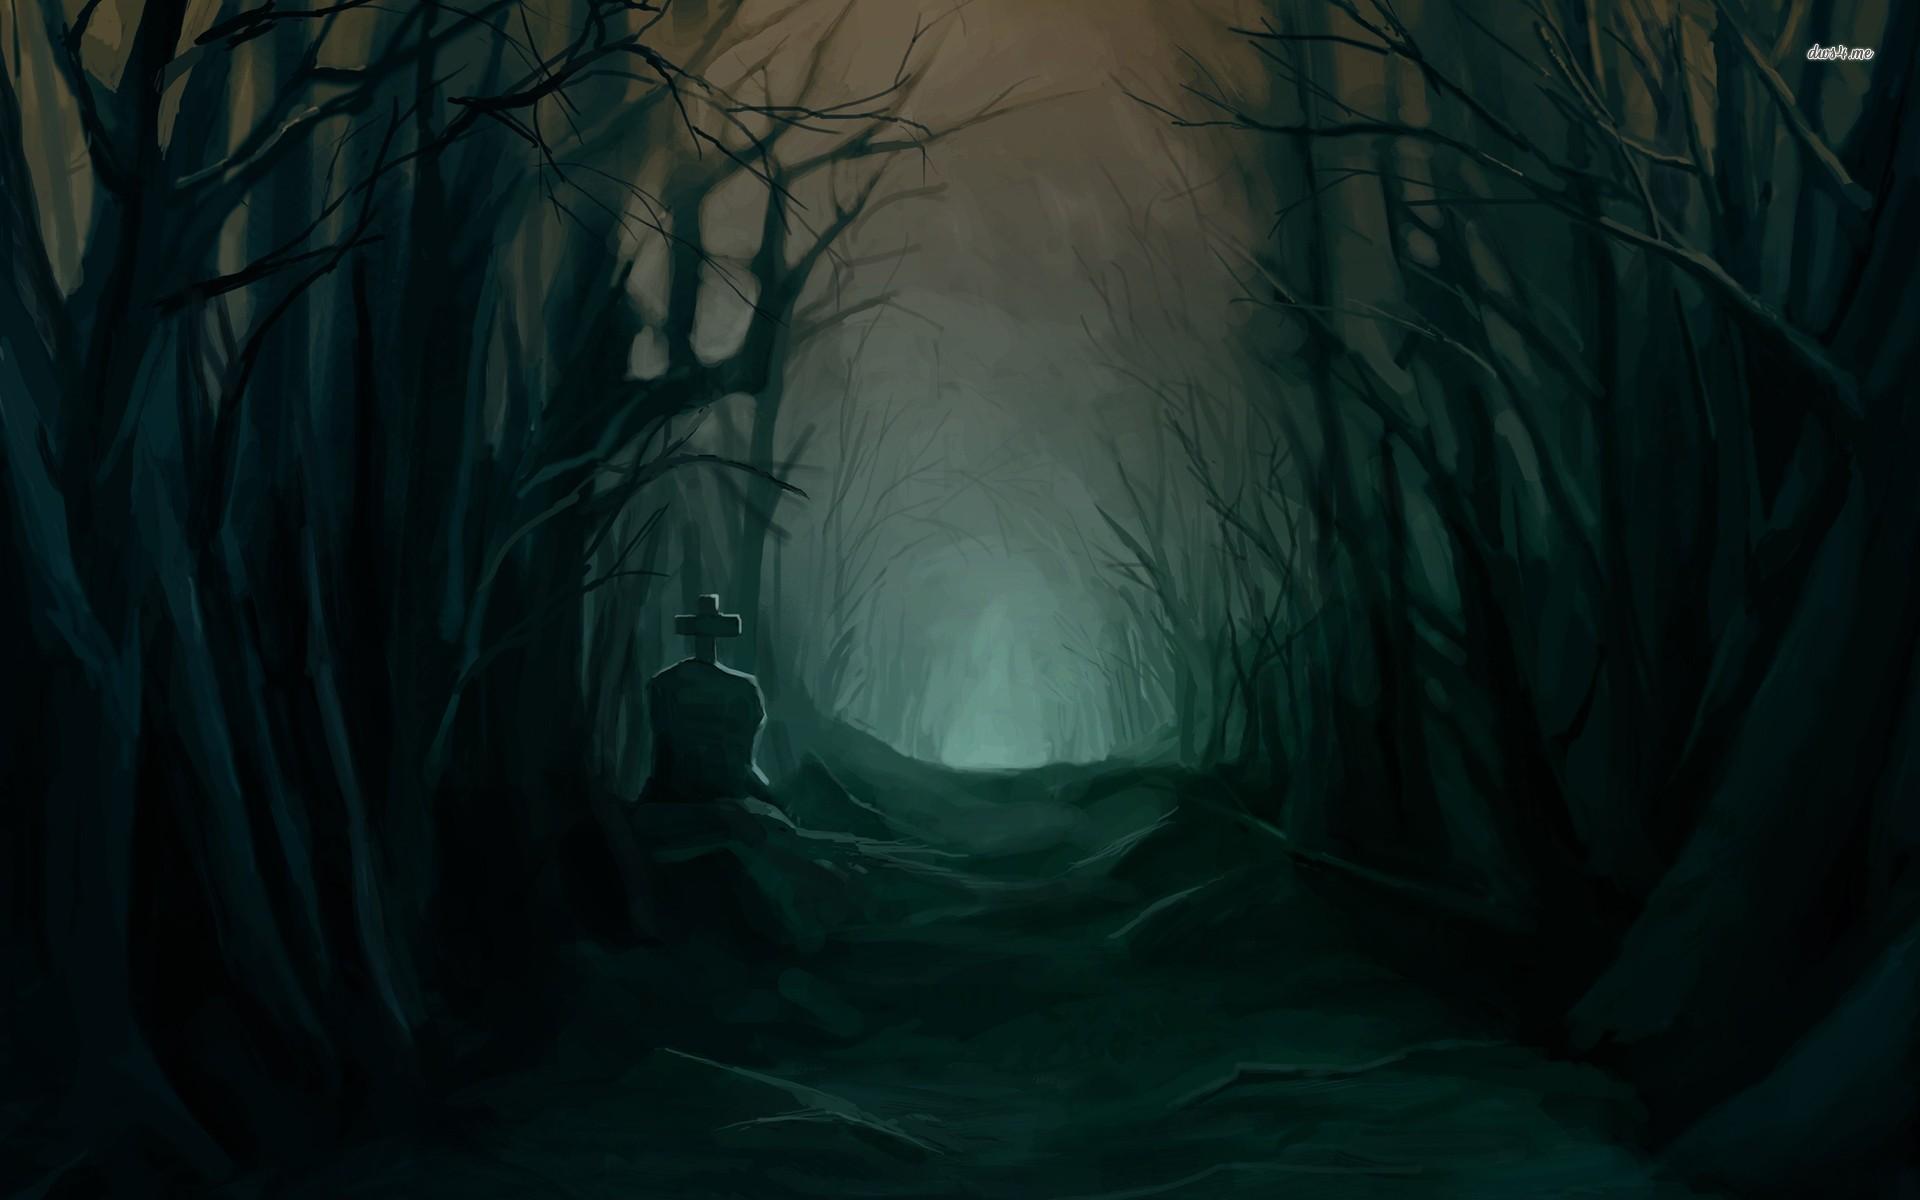 3029) Dark Forest Moon Wallpaper Ideas – WalOps.com